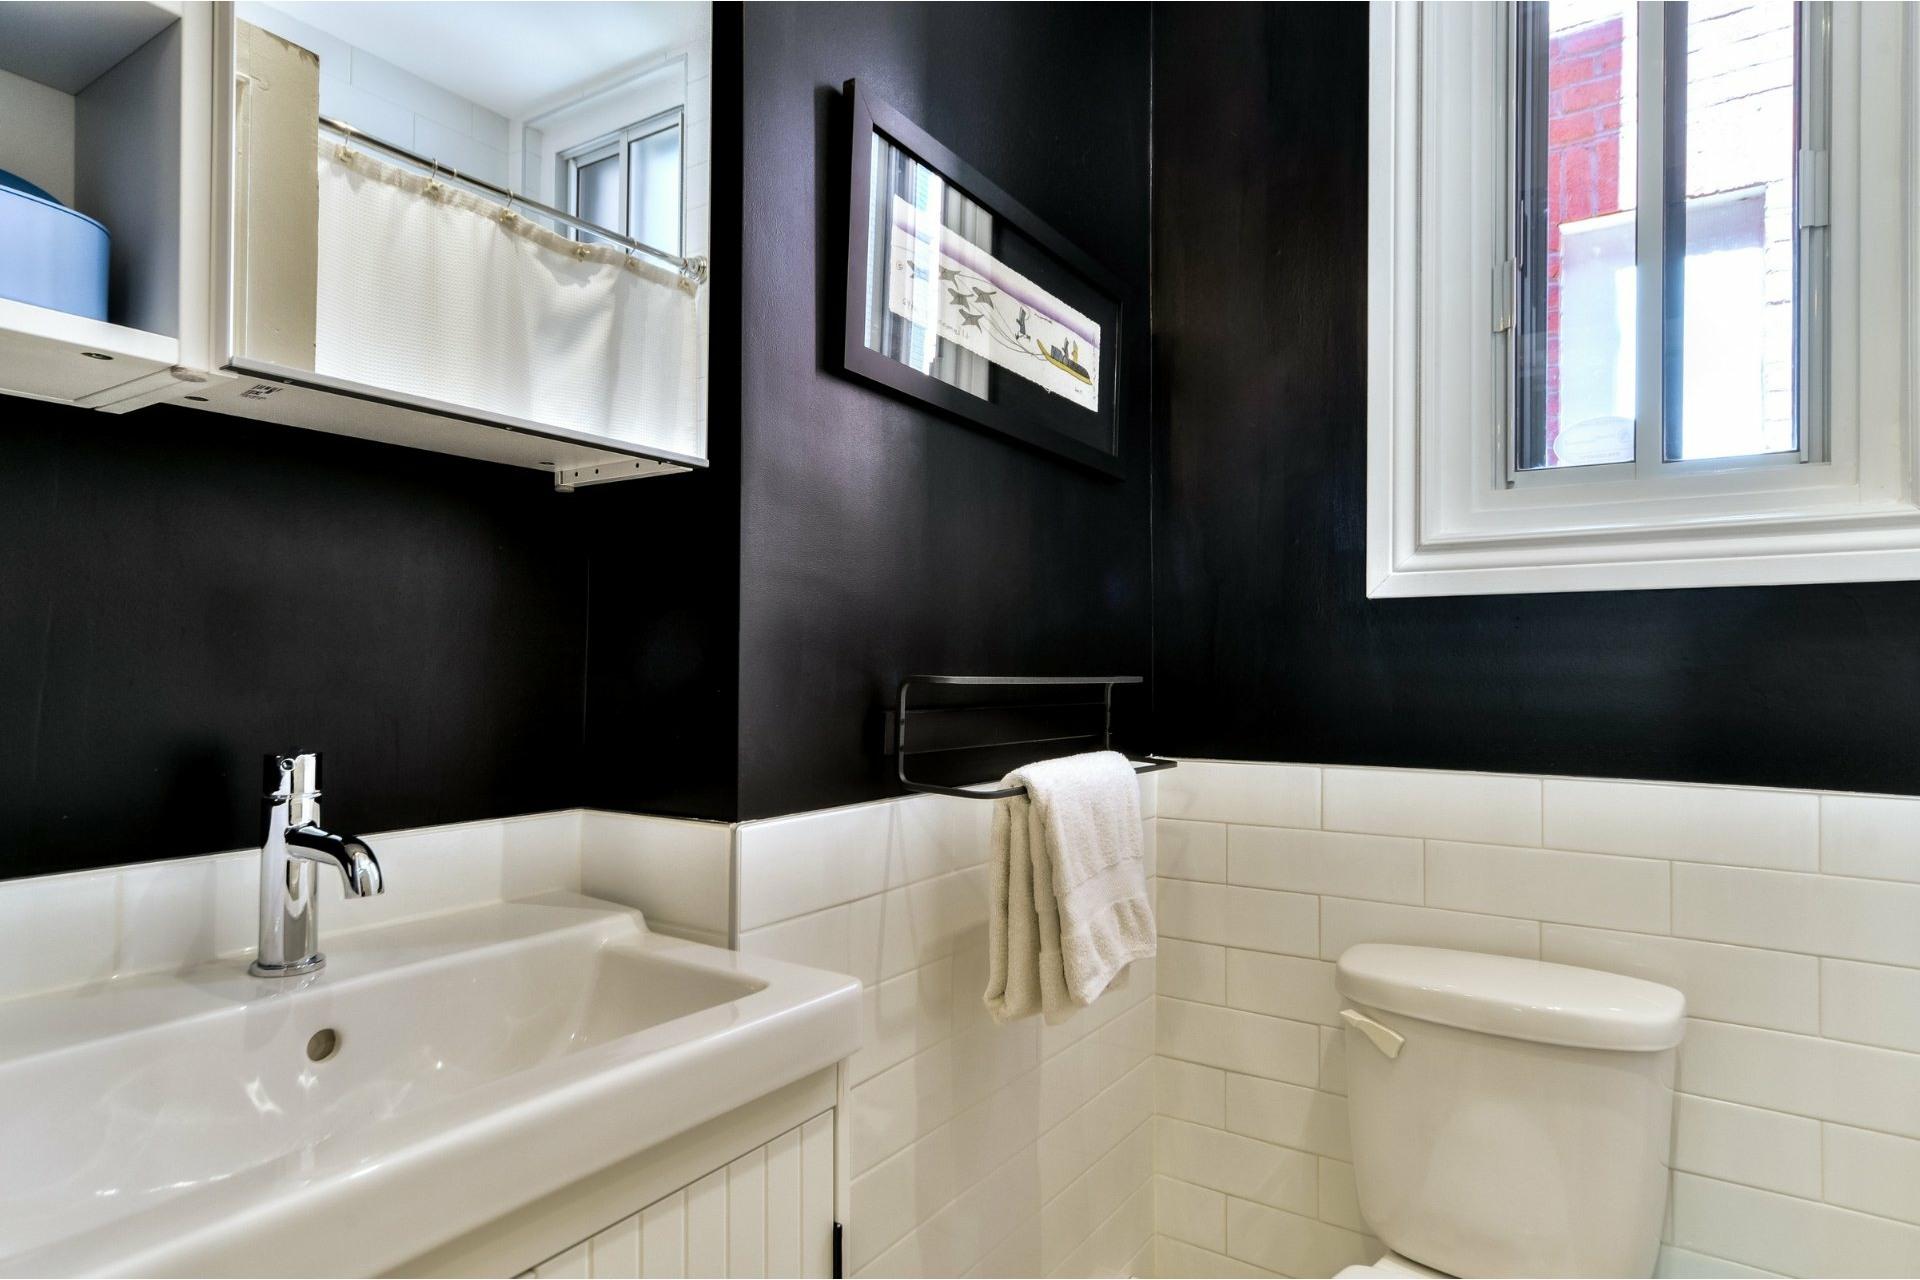 image 16 - Apartment For sale Le Plateau-Mont-Royal Montréal  - 5 rooms